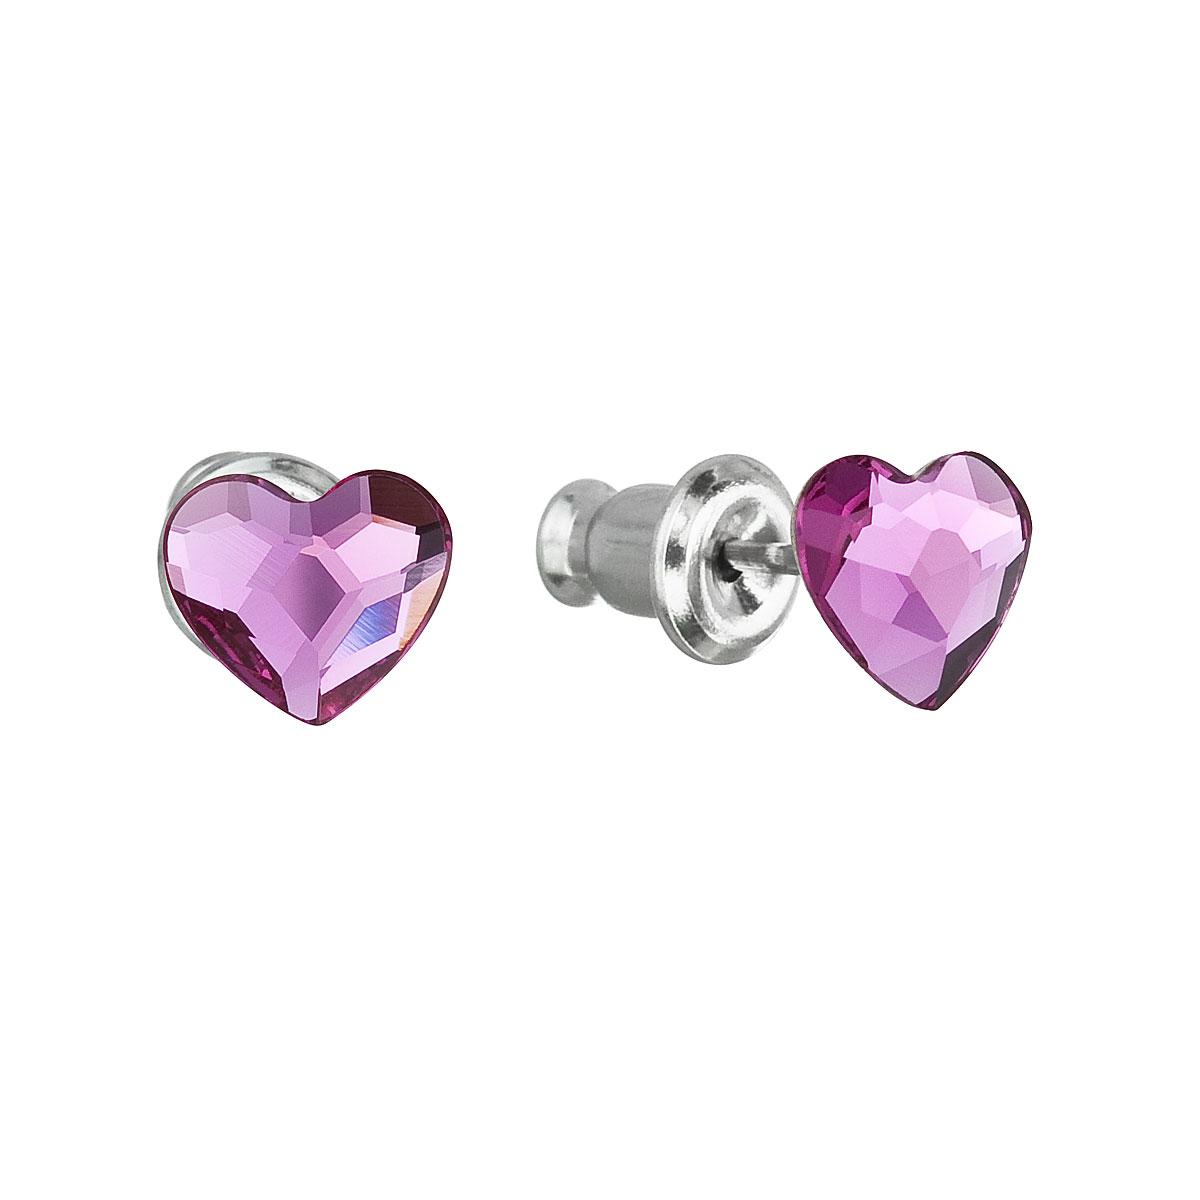 EVOLUTION GROUP Náušnice bižutéria so Swarovski krištáľmi ružové srdce  51050.3 fuchsia e253c6f625c